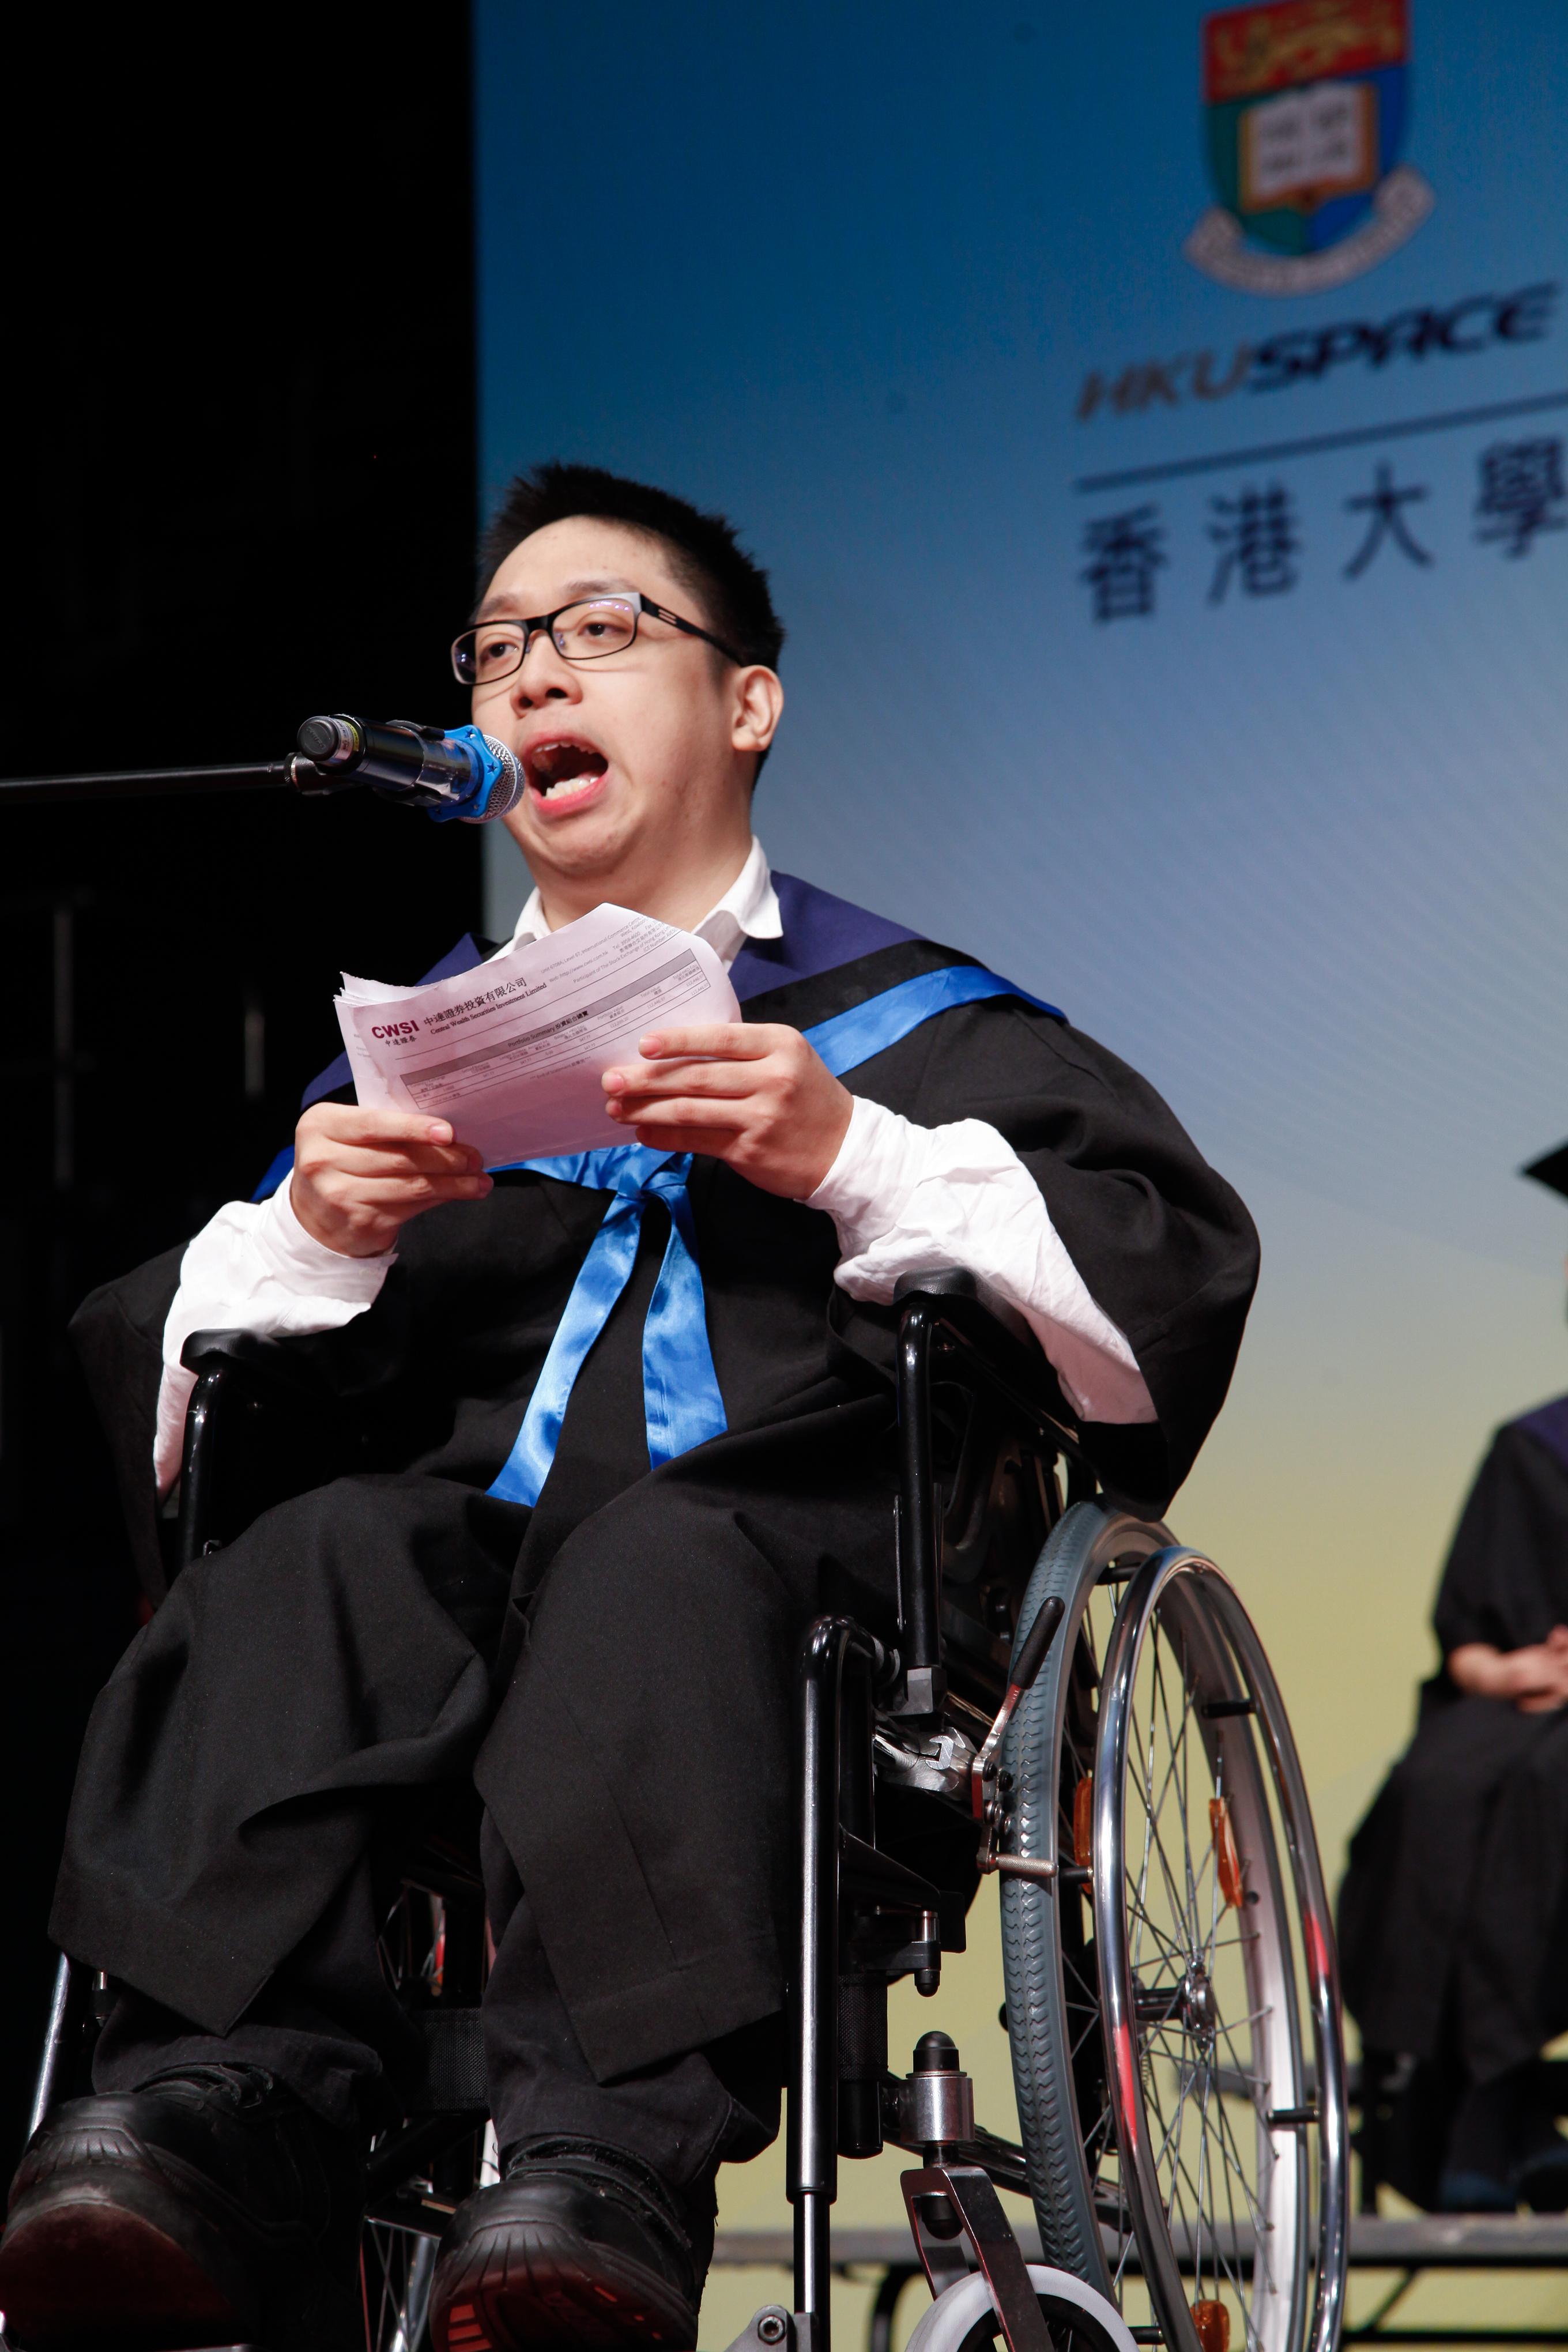 高級文憑畢業, 對尚賢除了是一份肯定, 對他來說更是未來前途的一份保障。(由受訪者提供)